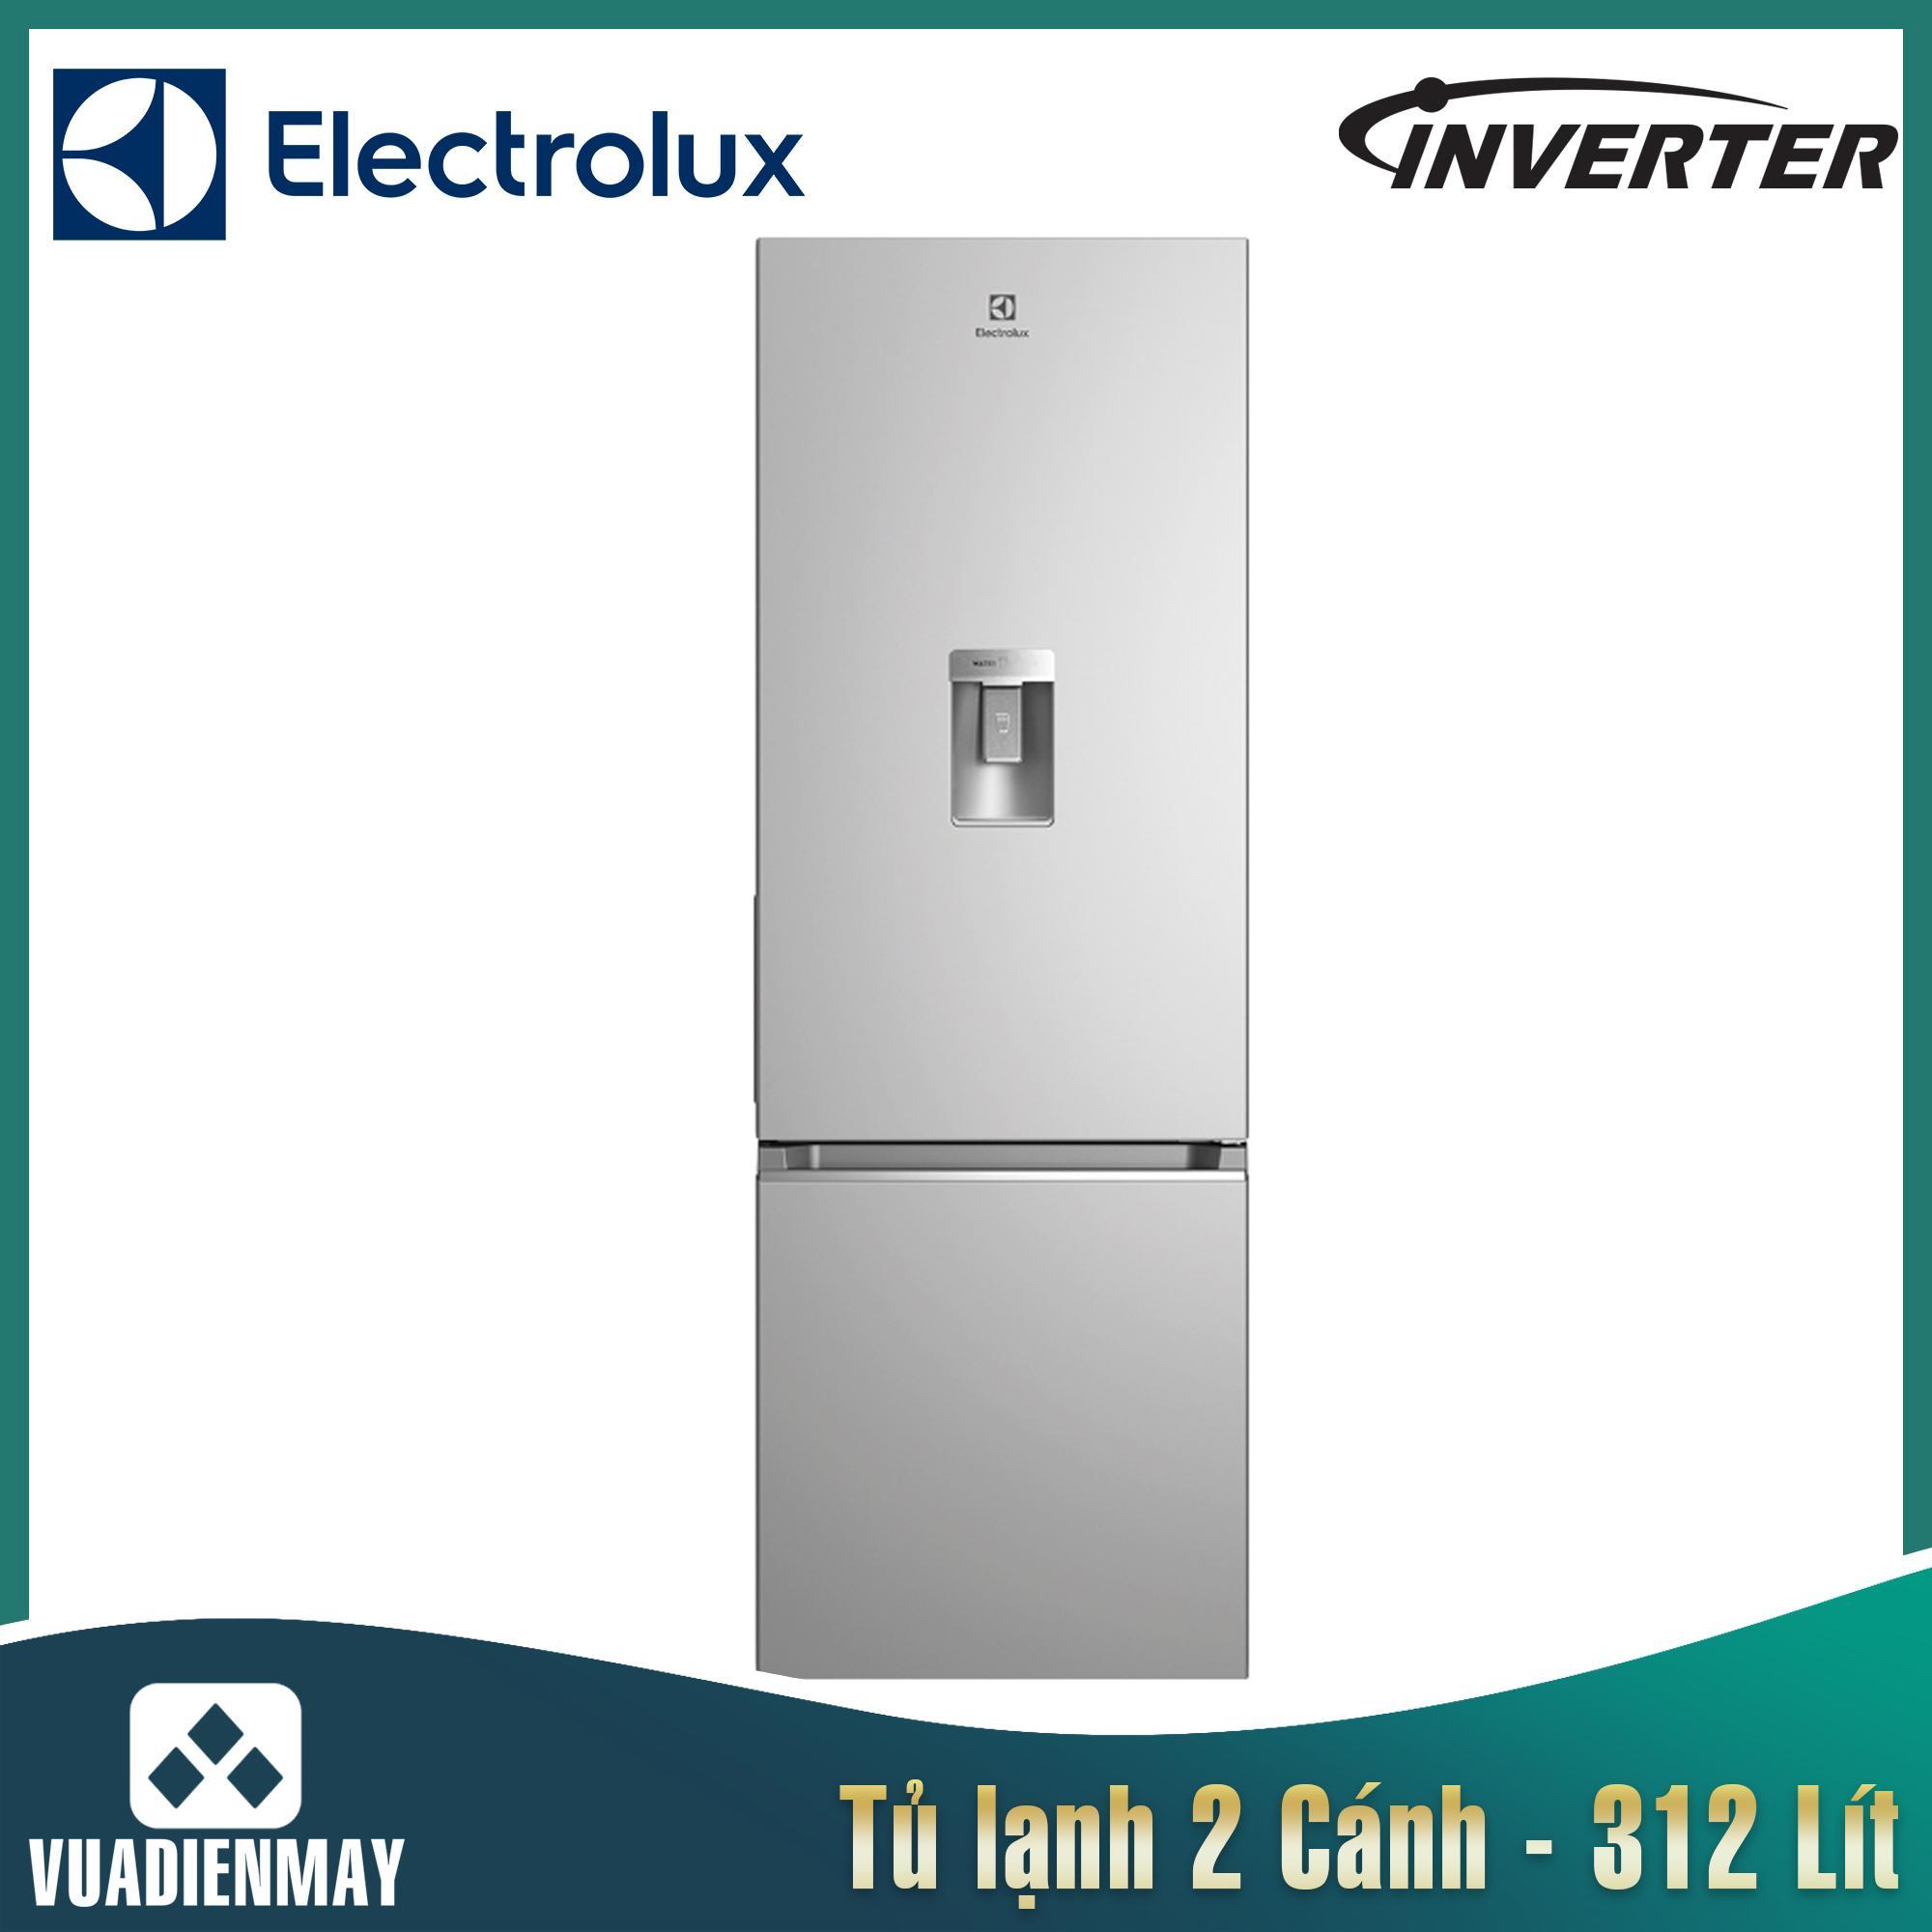 Tủ lạnh Electrolux inverter 312 lít màu bạc